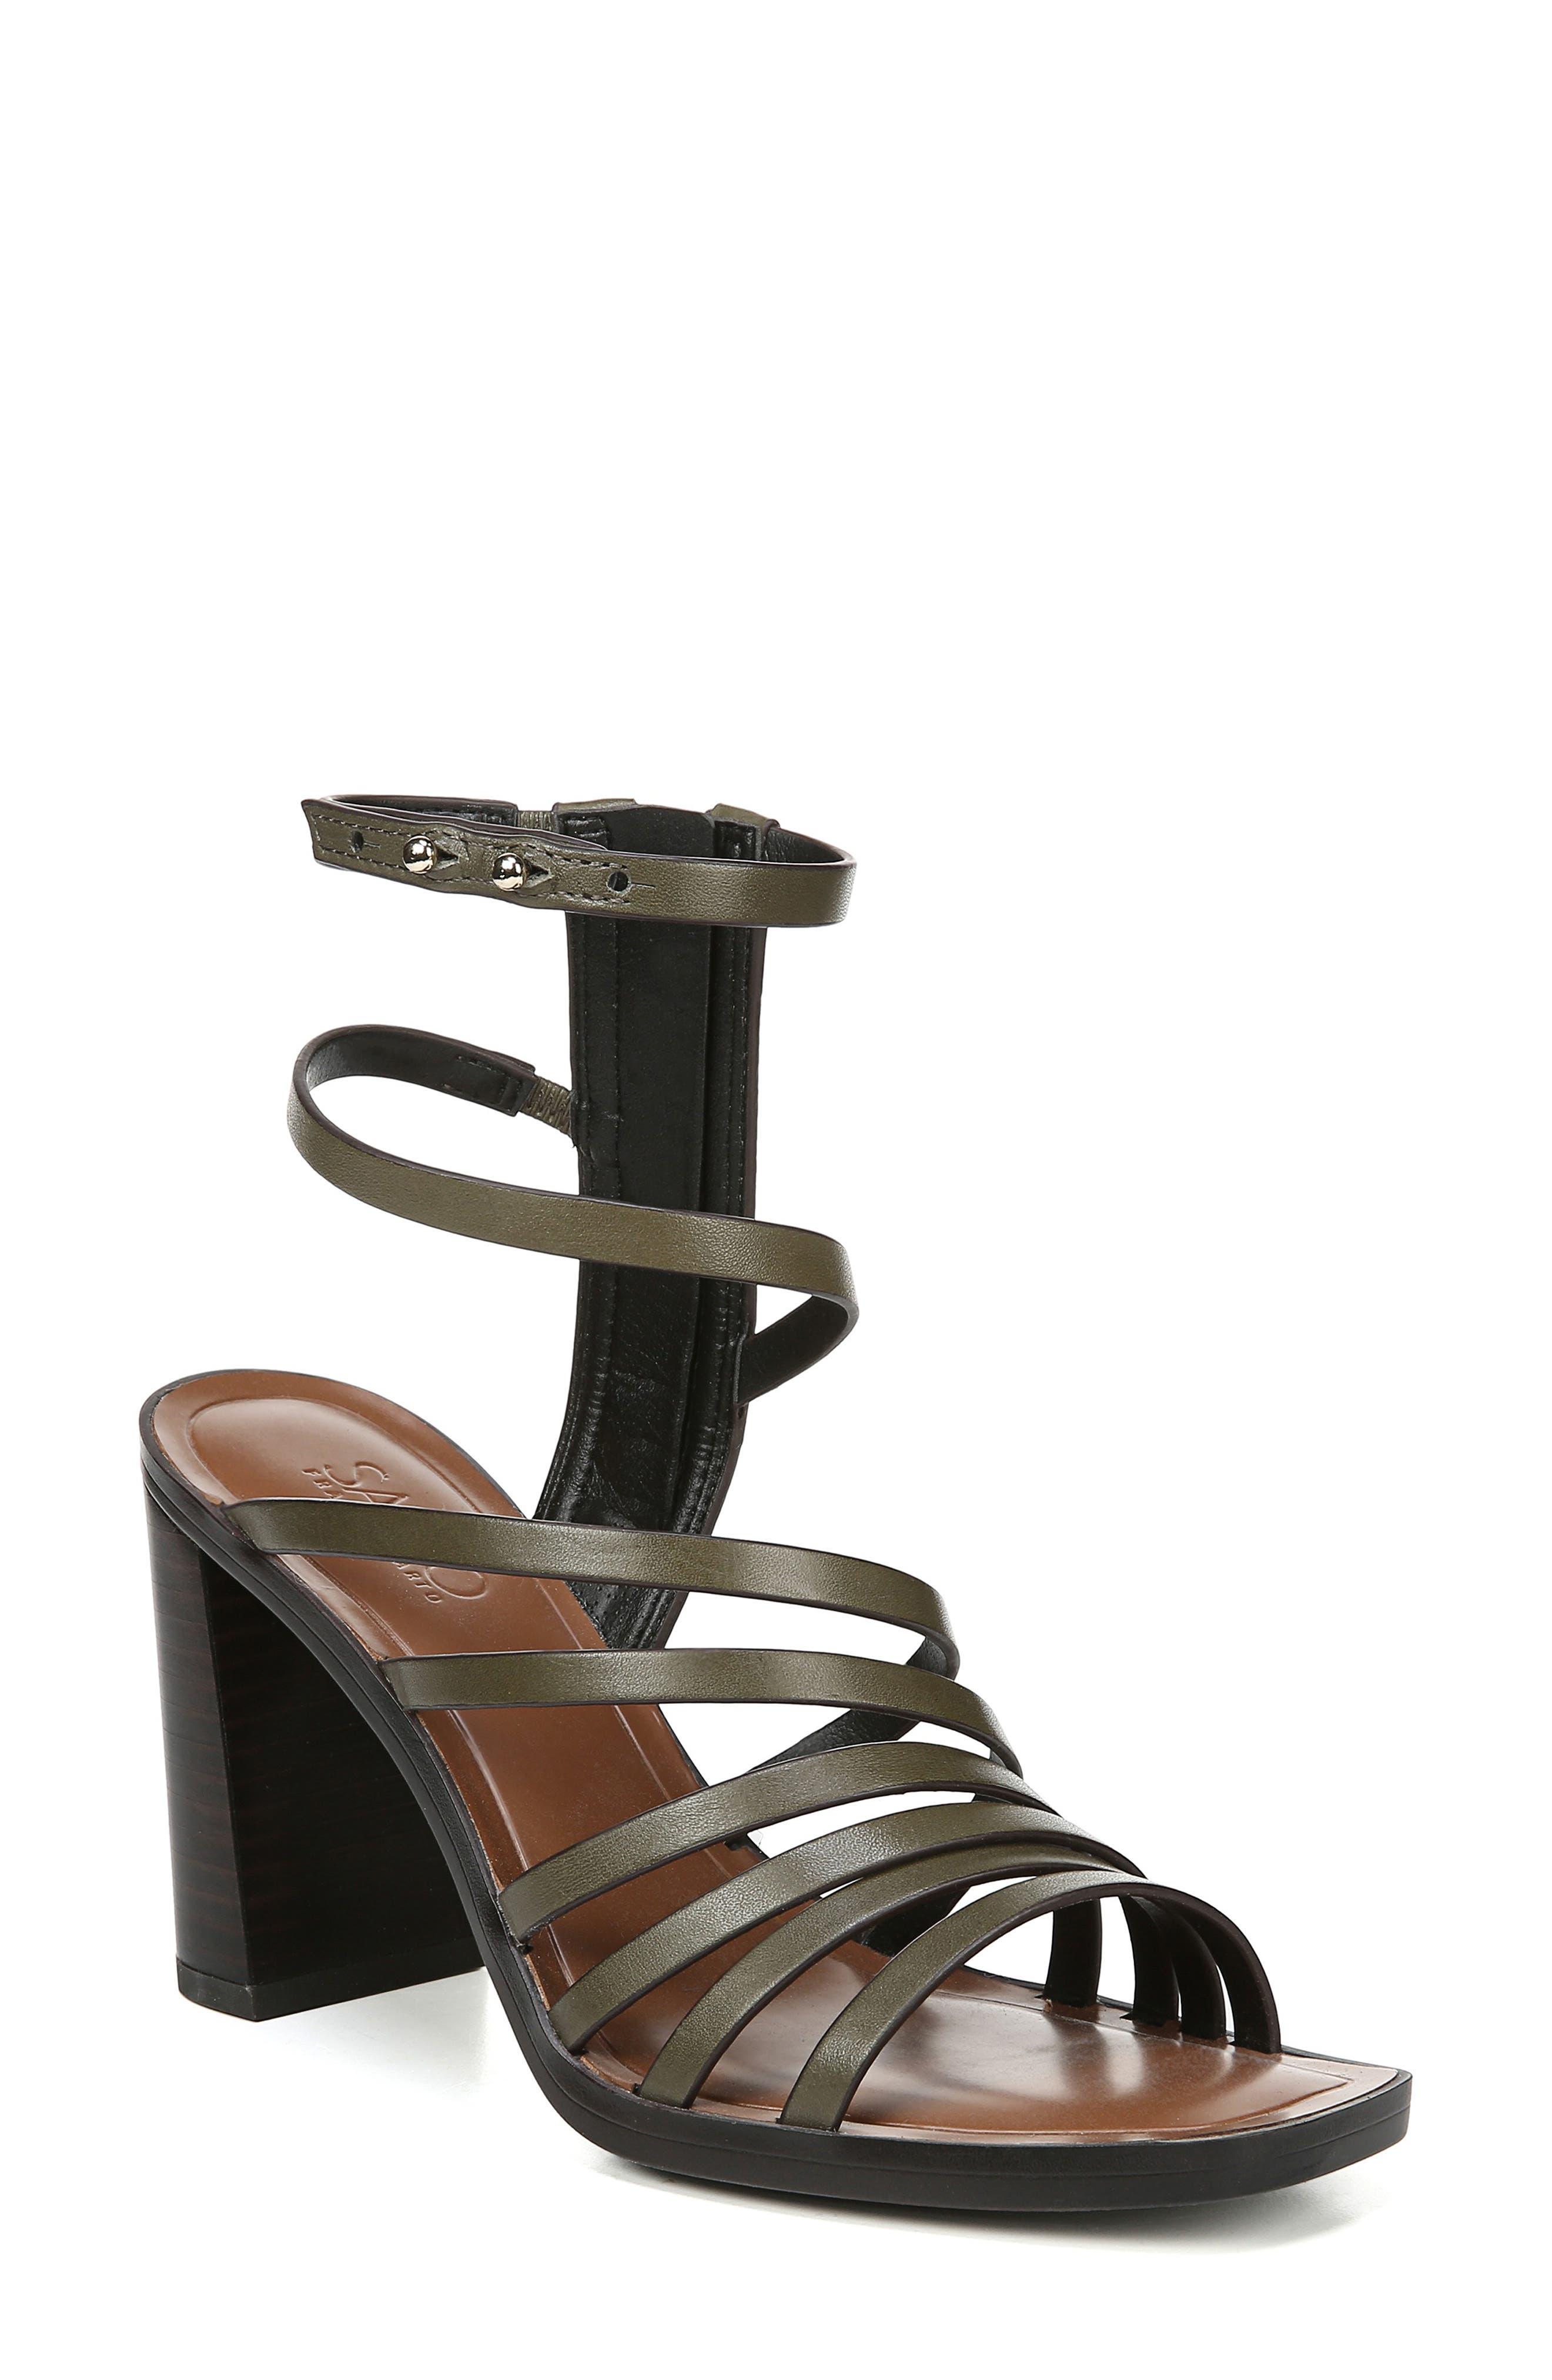 Sarto By Franco Sarto Winnie Strappy Sandal- Green